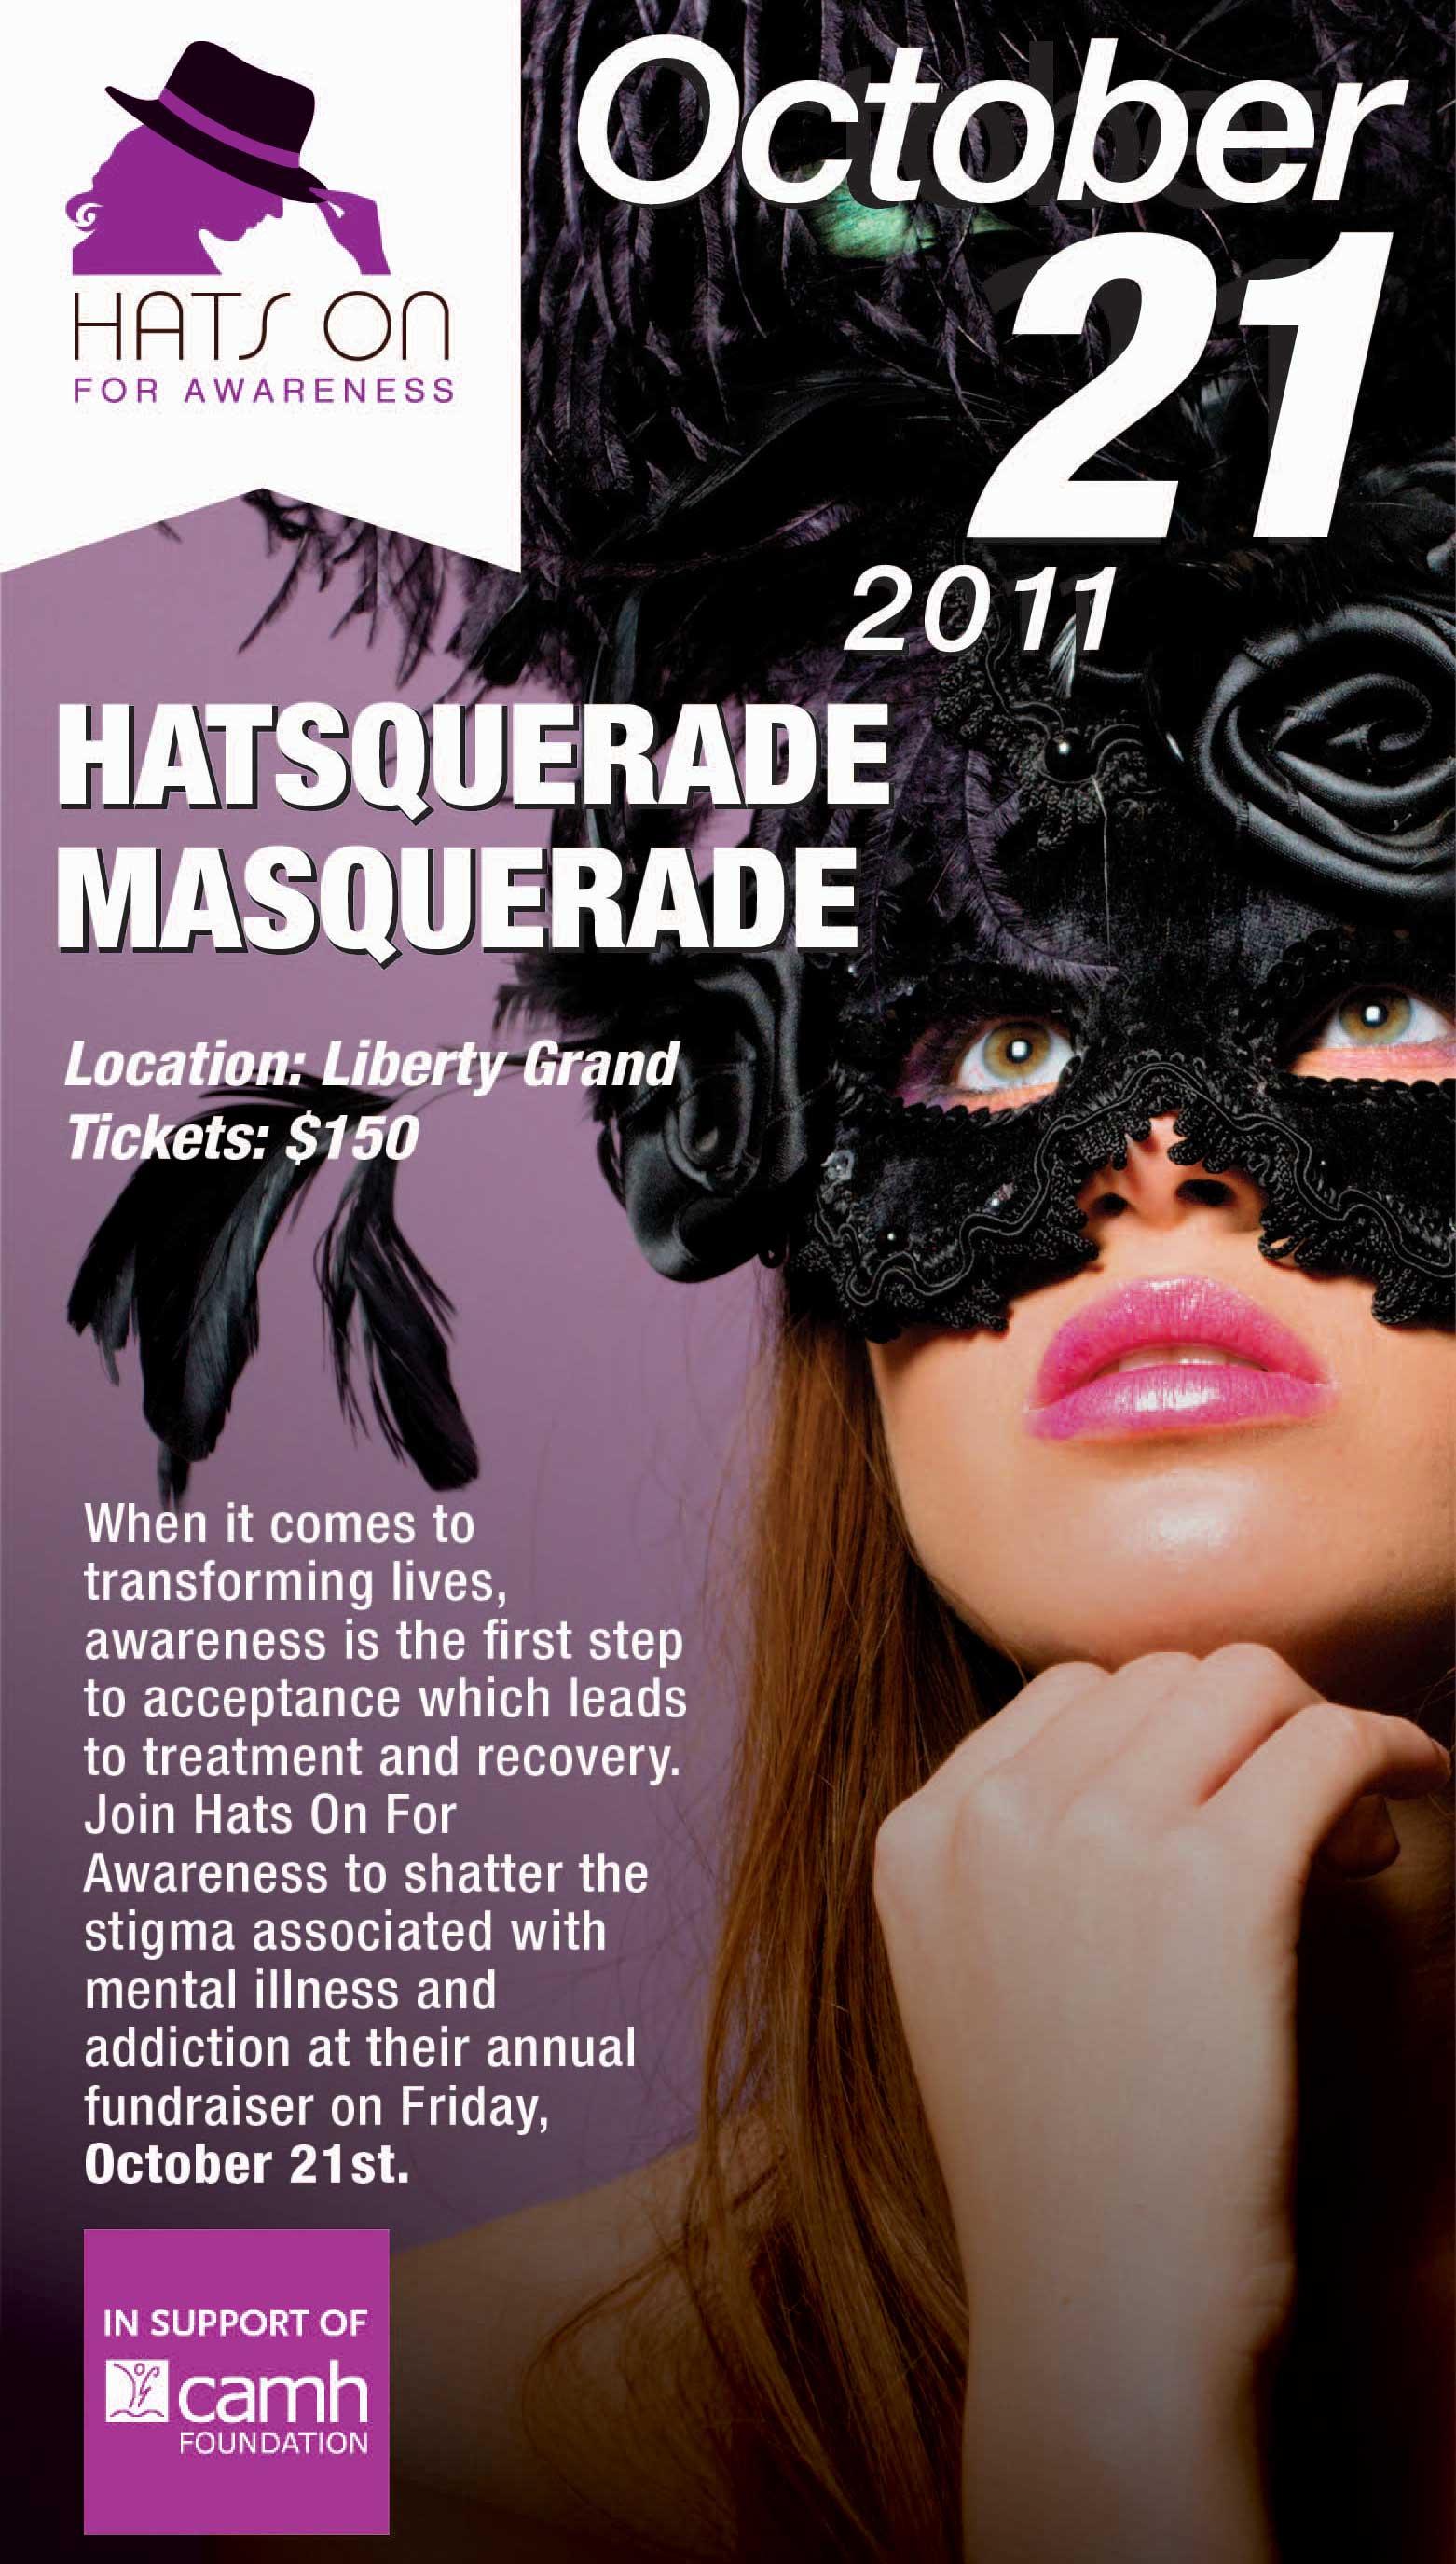 Hatsquerade Masquerade